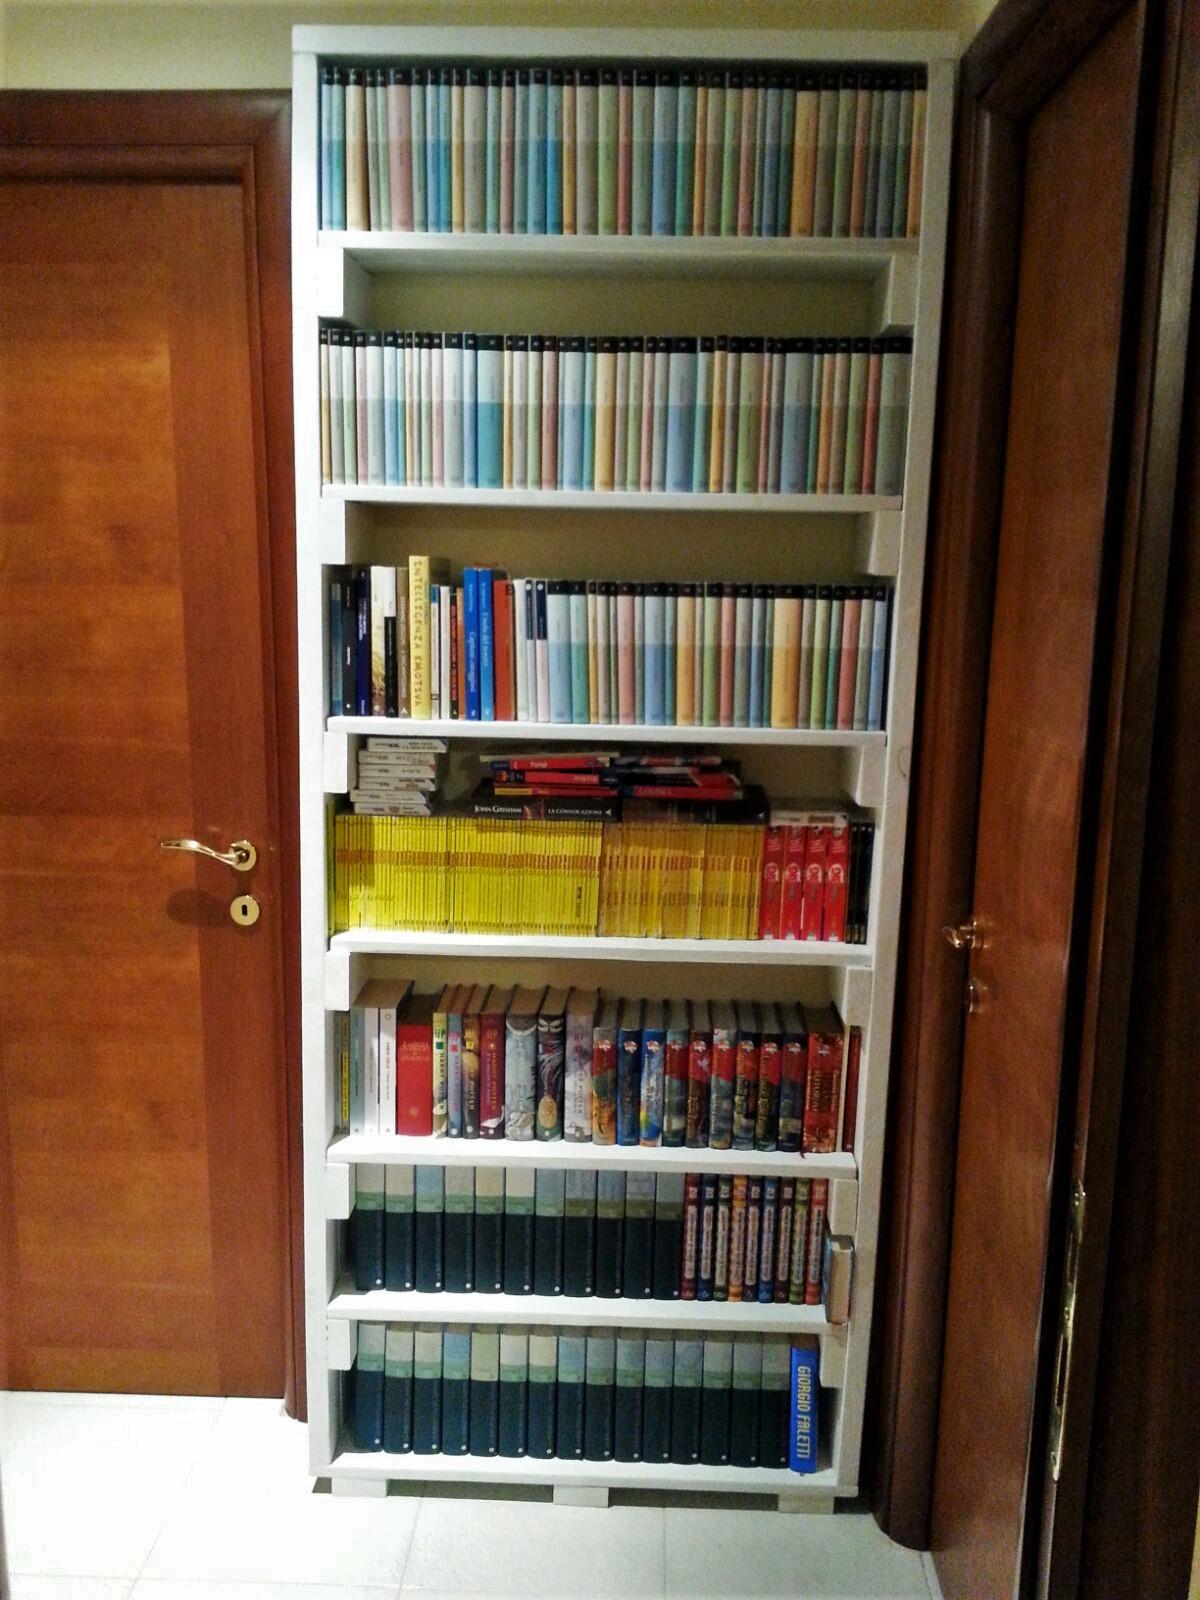 Libreria con bancali se97 regardsdefemmes for Libreria fai da te